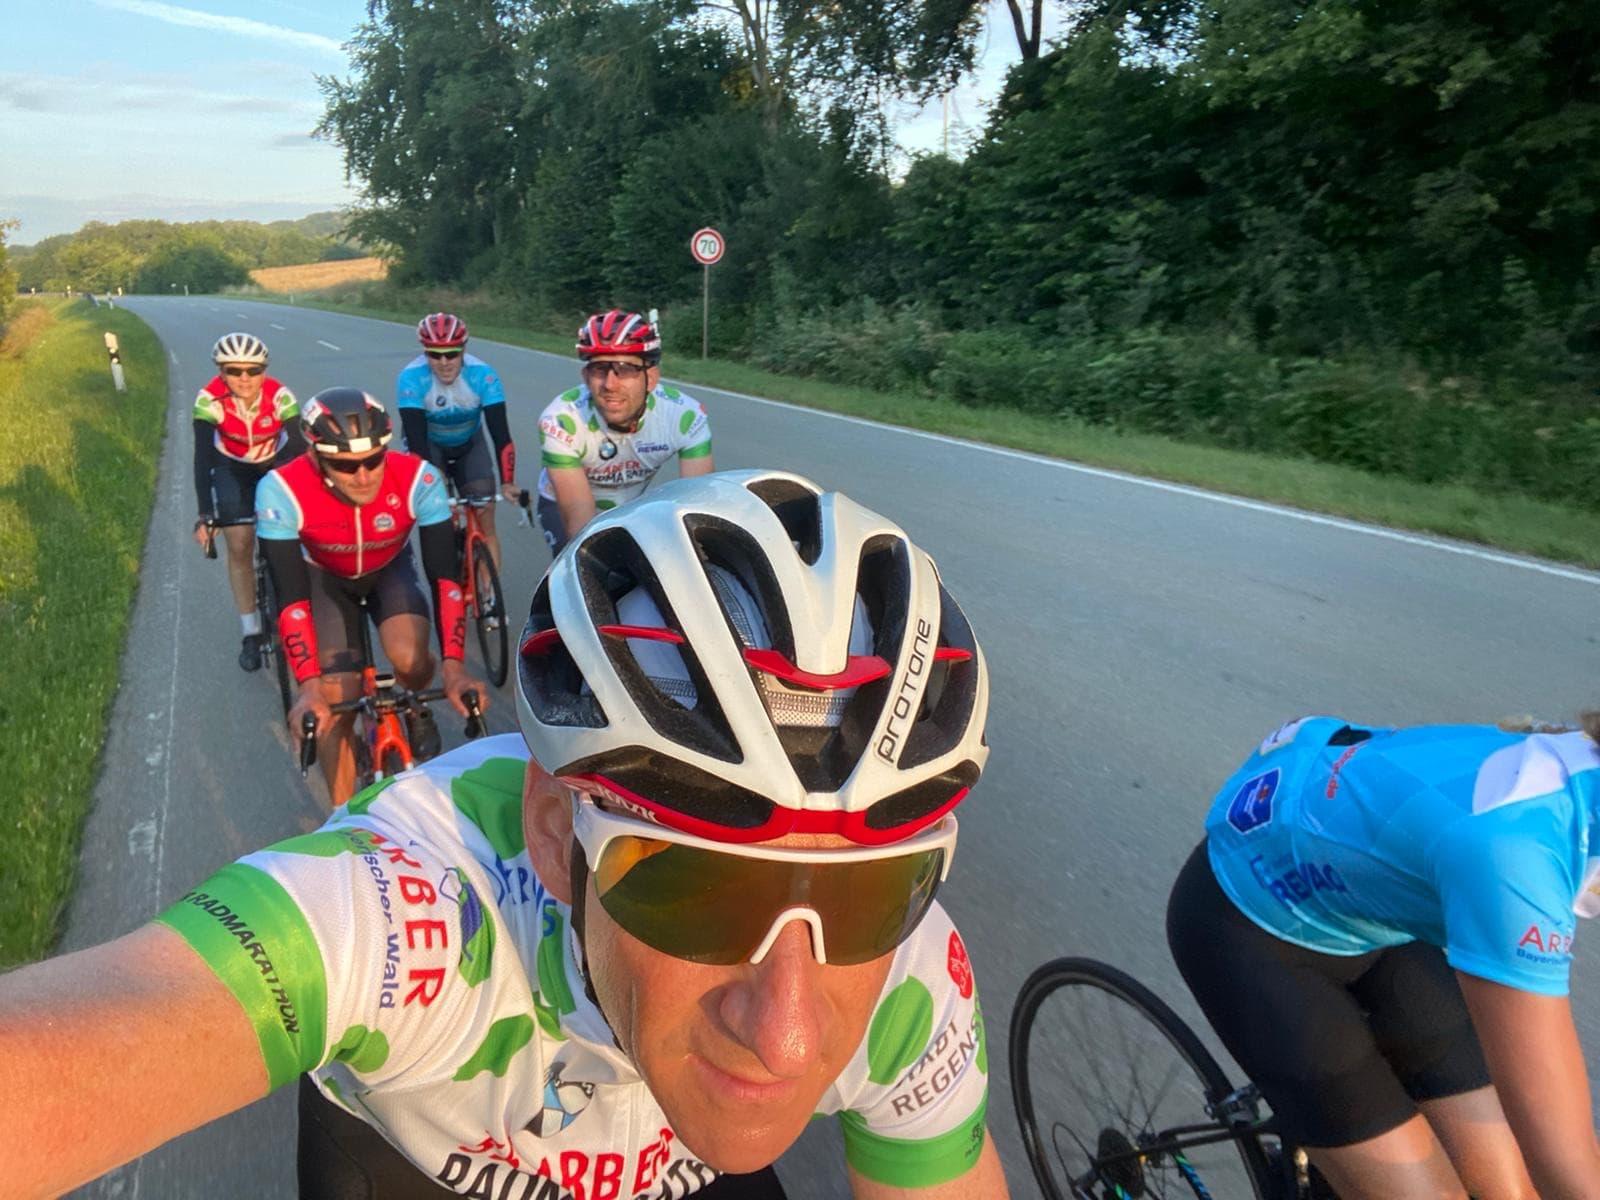 Der 36. Arber Radmarathon ist erfolgreich angelaufen. Zum Start waren bereits mehr als 1.000 Radsportbegeisterte angemeldet / Erlös geht an Sternstunden e.V.